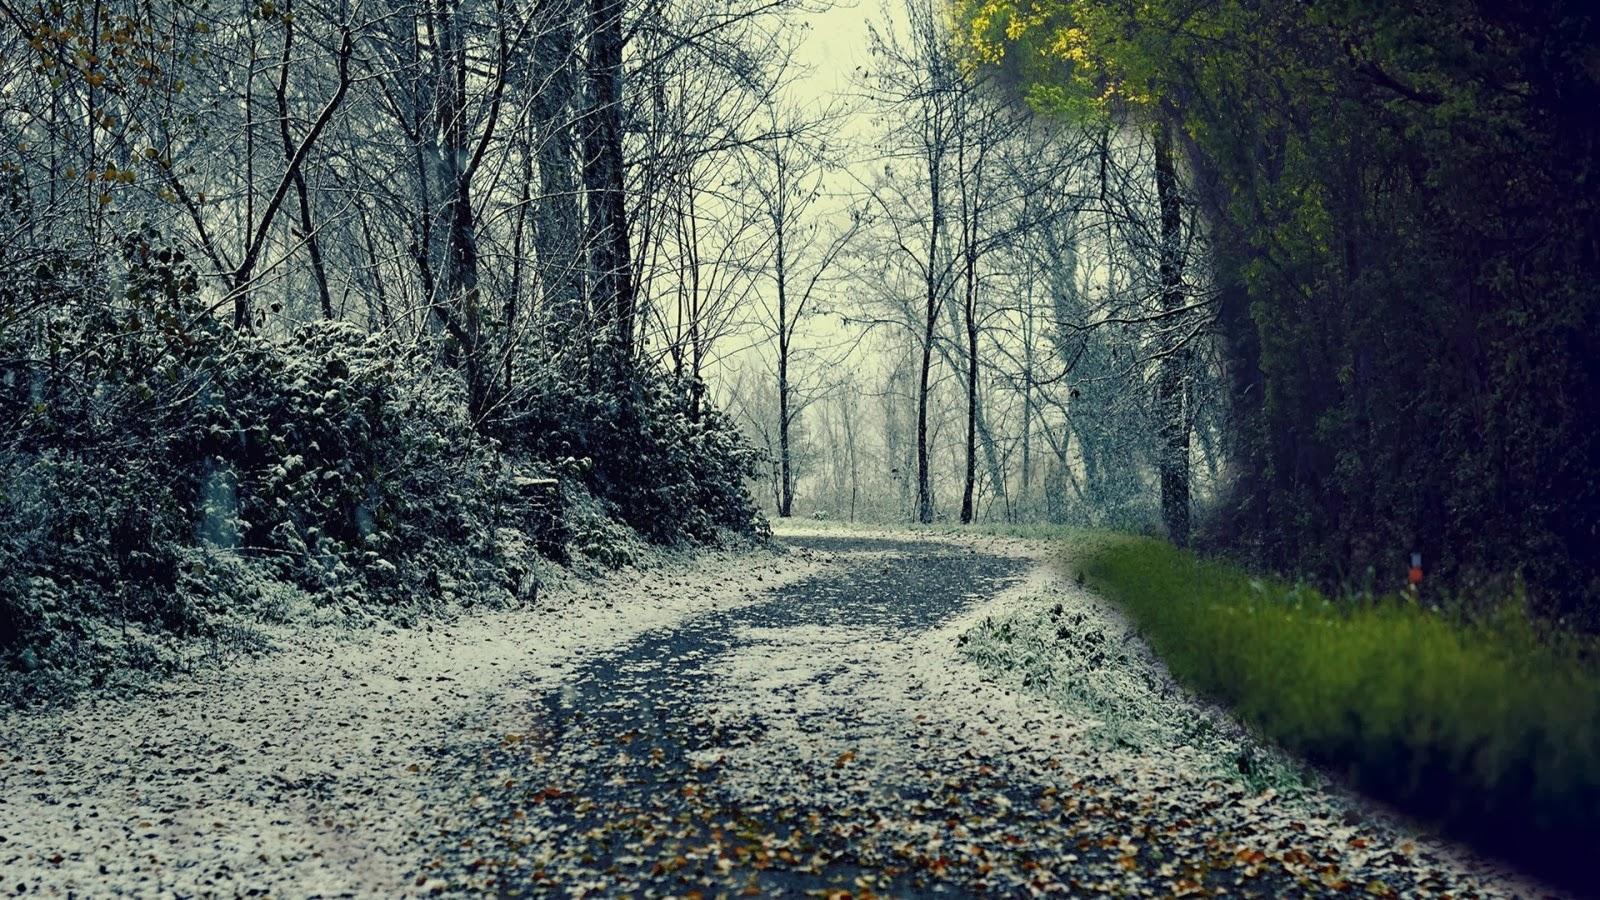 صوره صور مناظر حلوه , مناظر الطبيعة الخلابة اسرة للروح